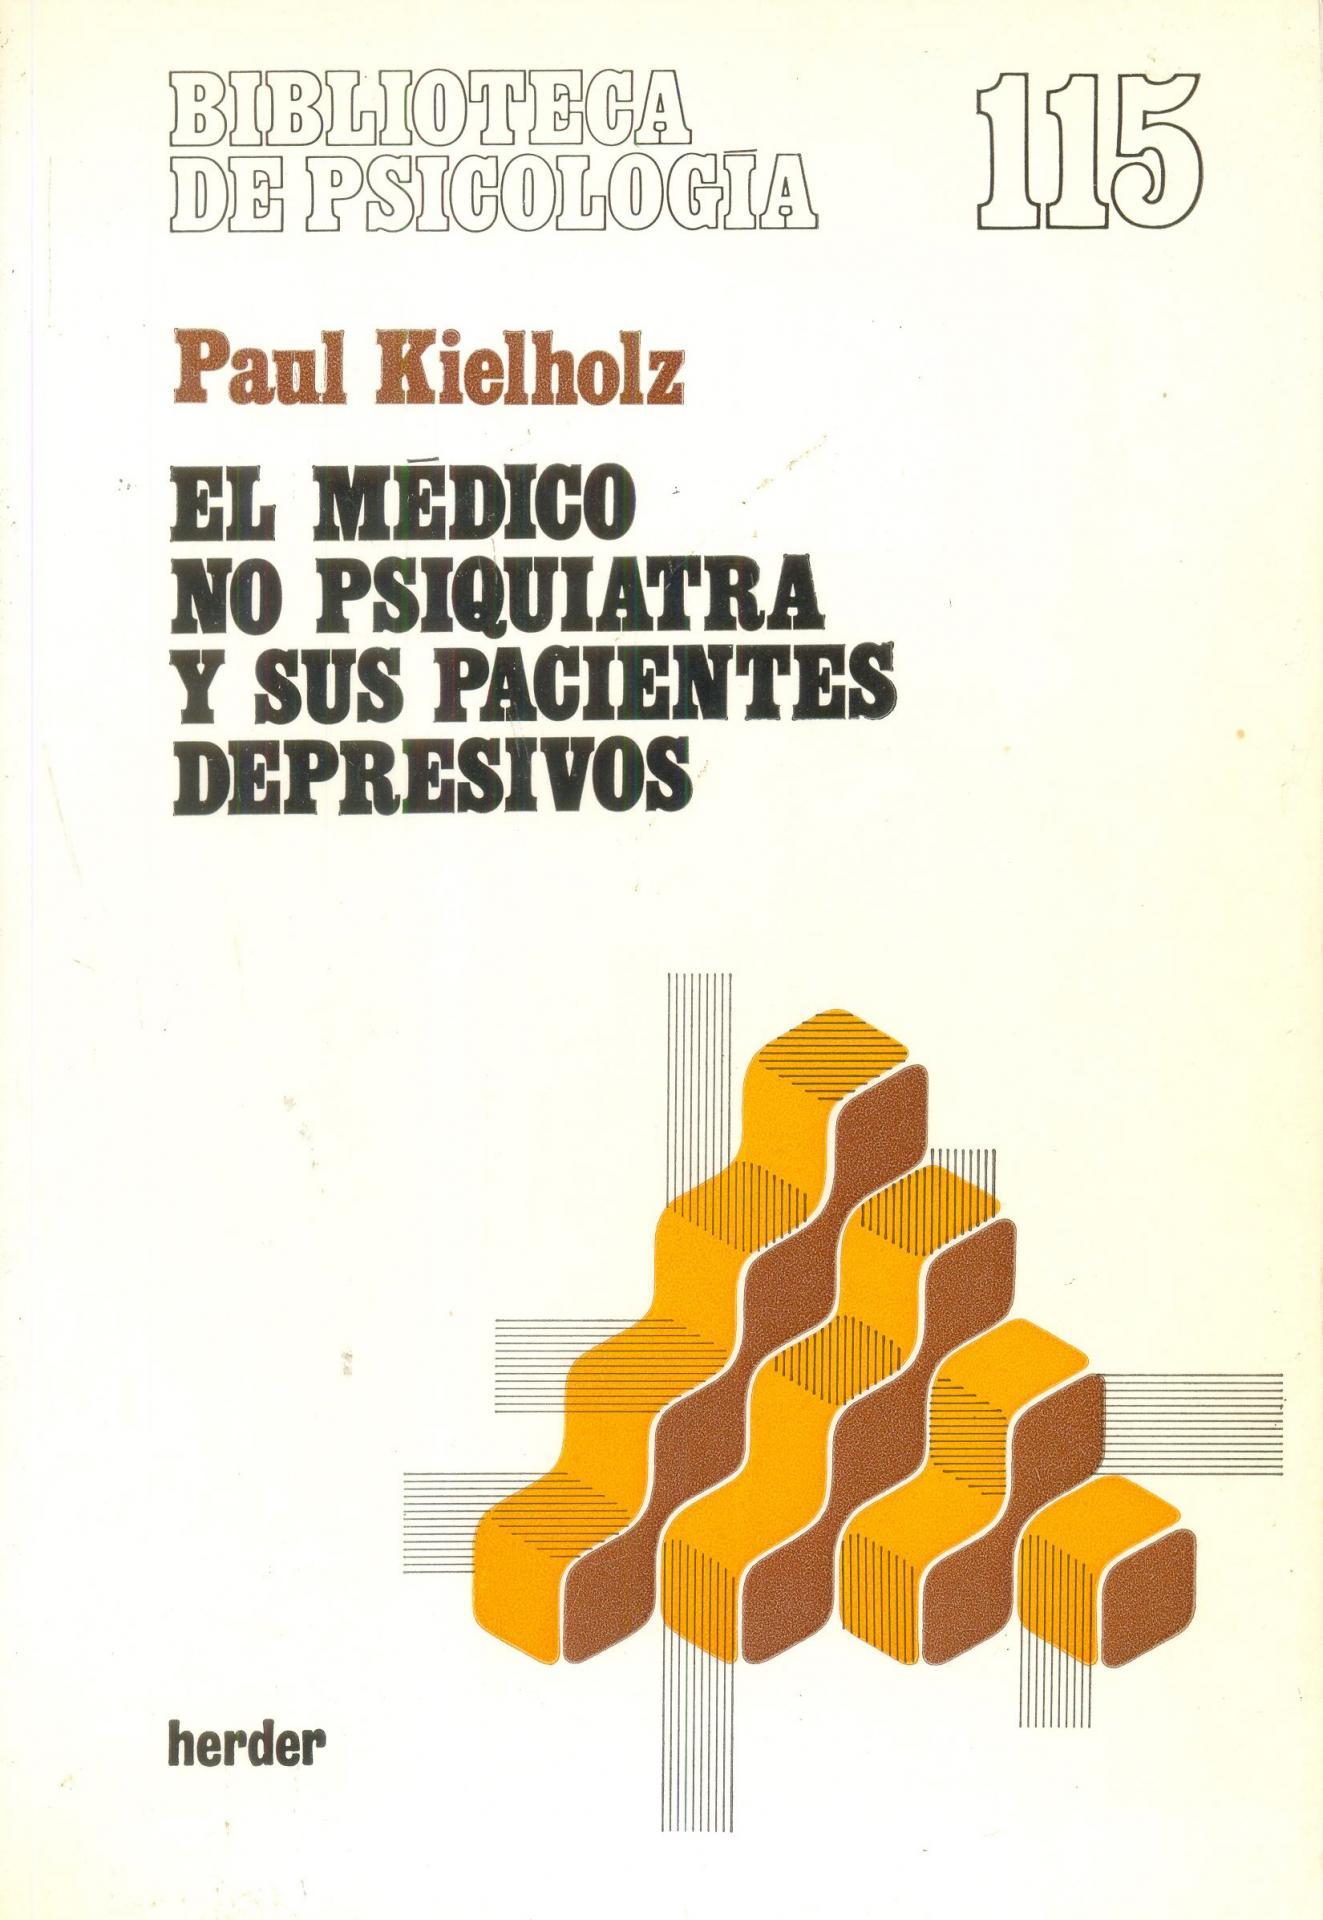 EL MÉDICO NO PSIQUIATRA Y SUS PACIENTES DEPRESIVOS. Kielholz, P.